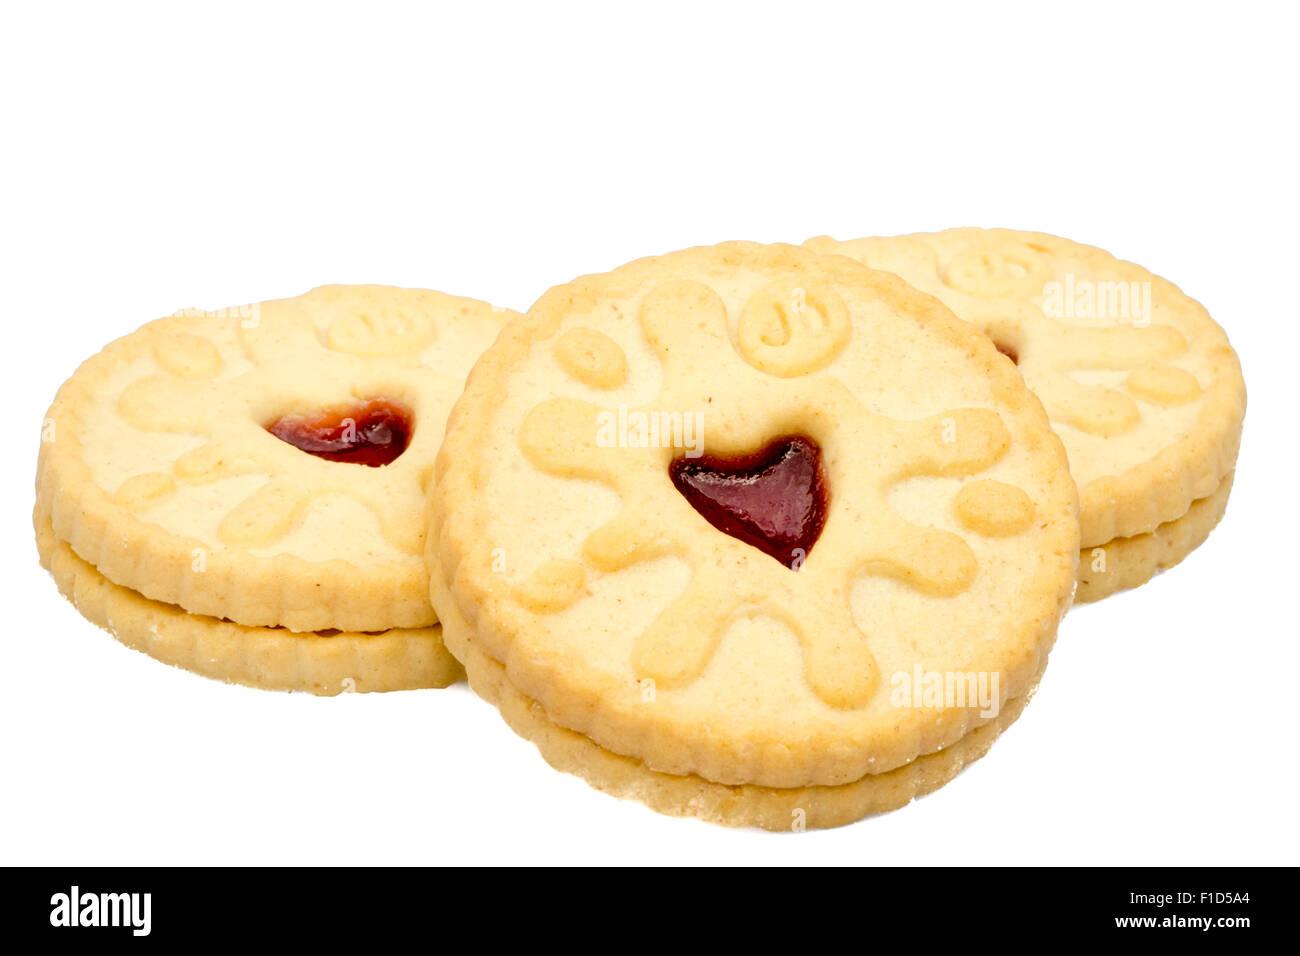 Kekse ausstechen oder auf einem weißen Hintergrund, UK isoliert. Stockbild